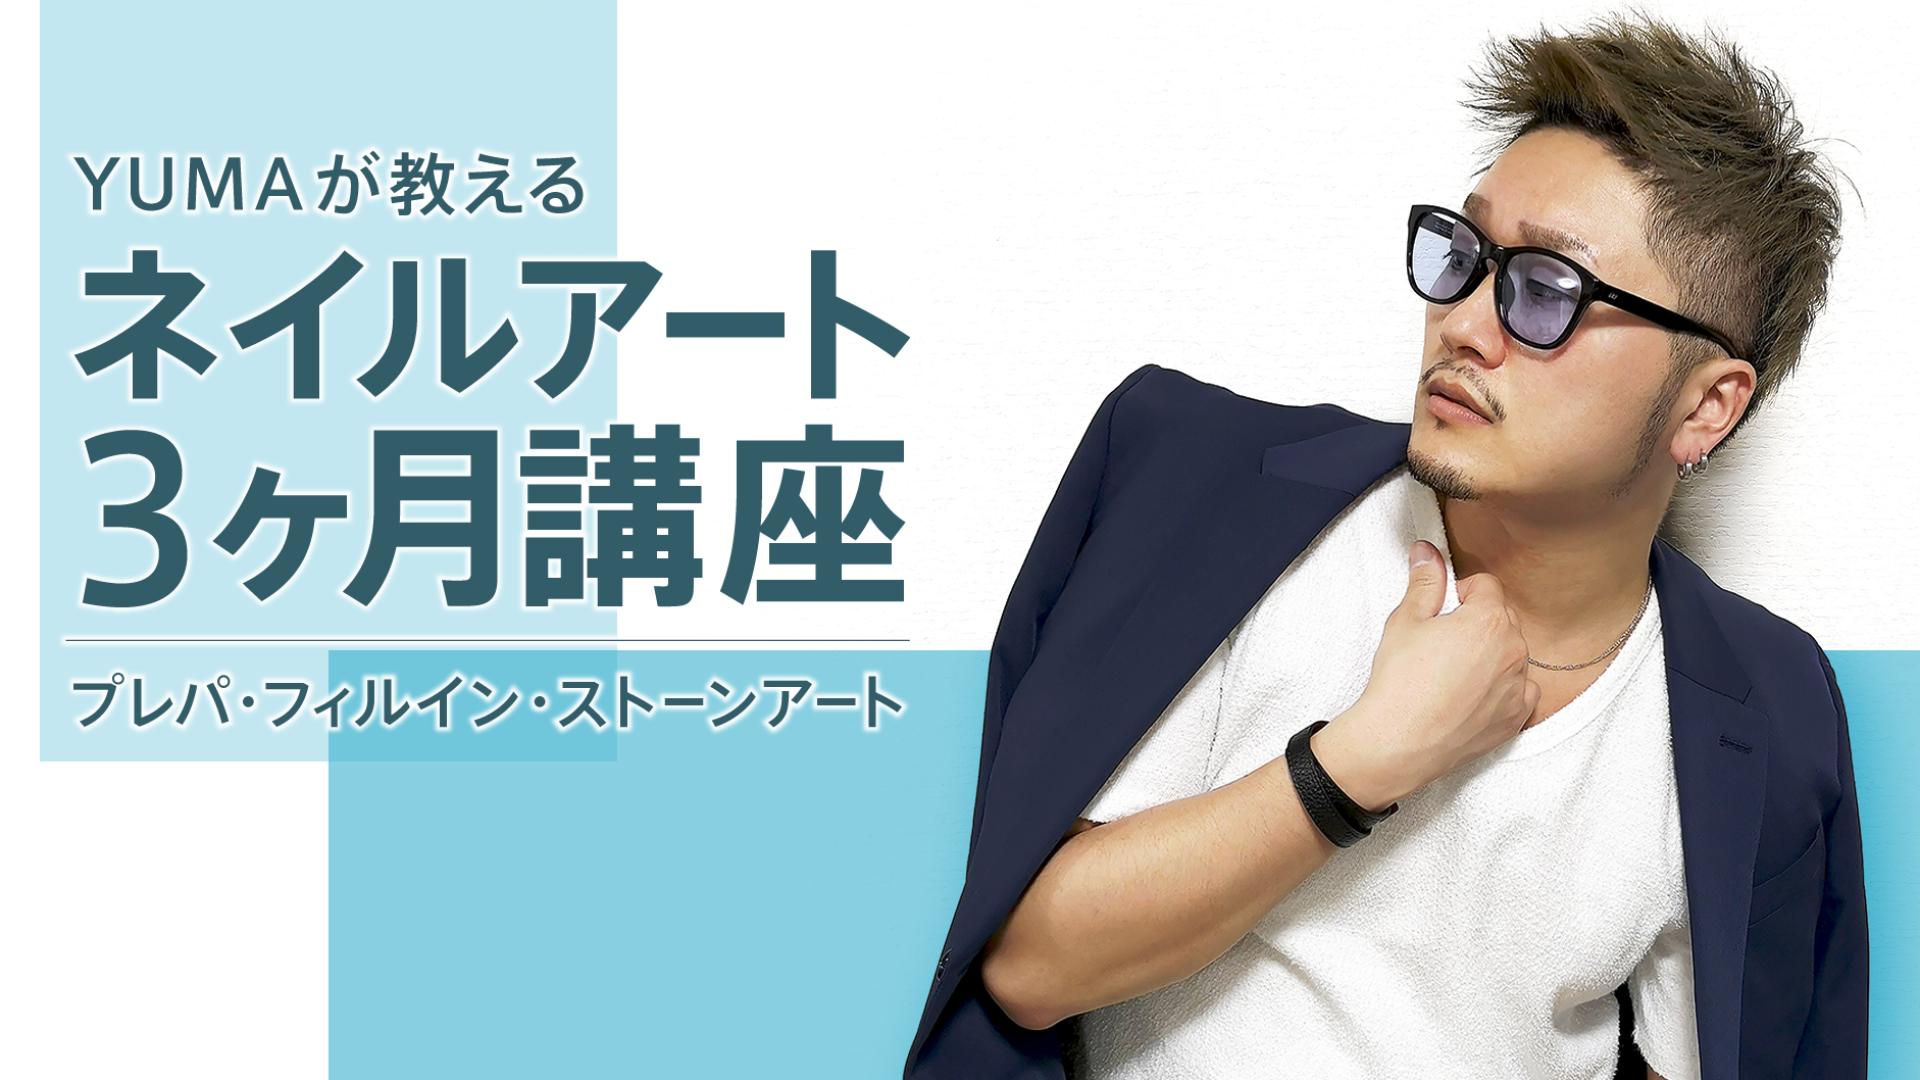 【9/1開講】 YUMAが教えるネイルアート3カ月講座